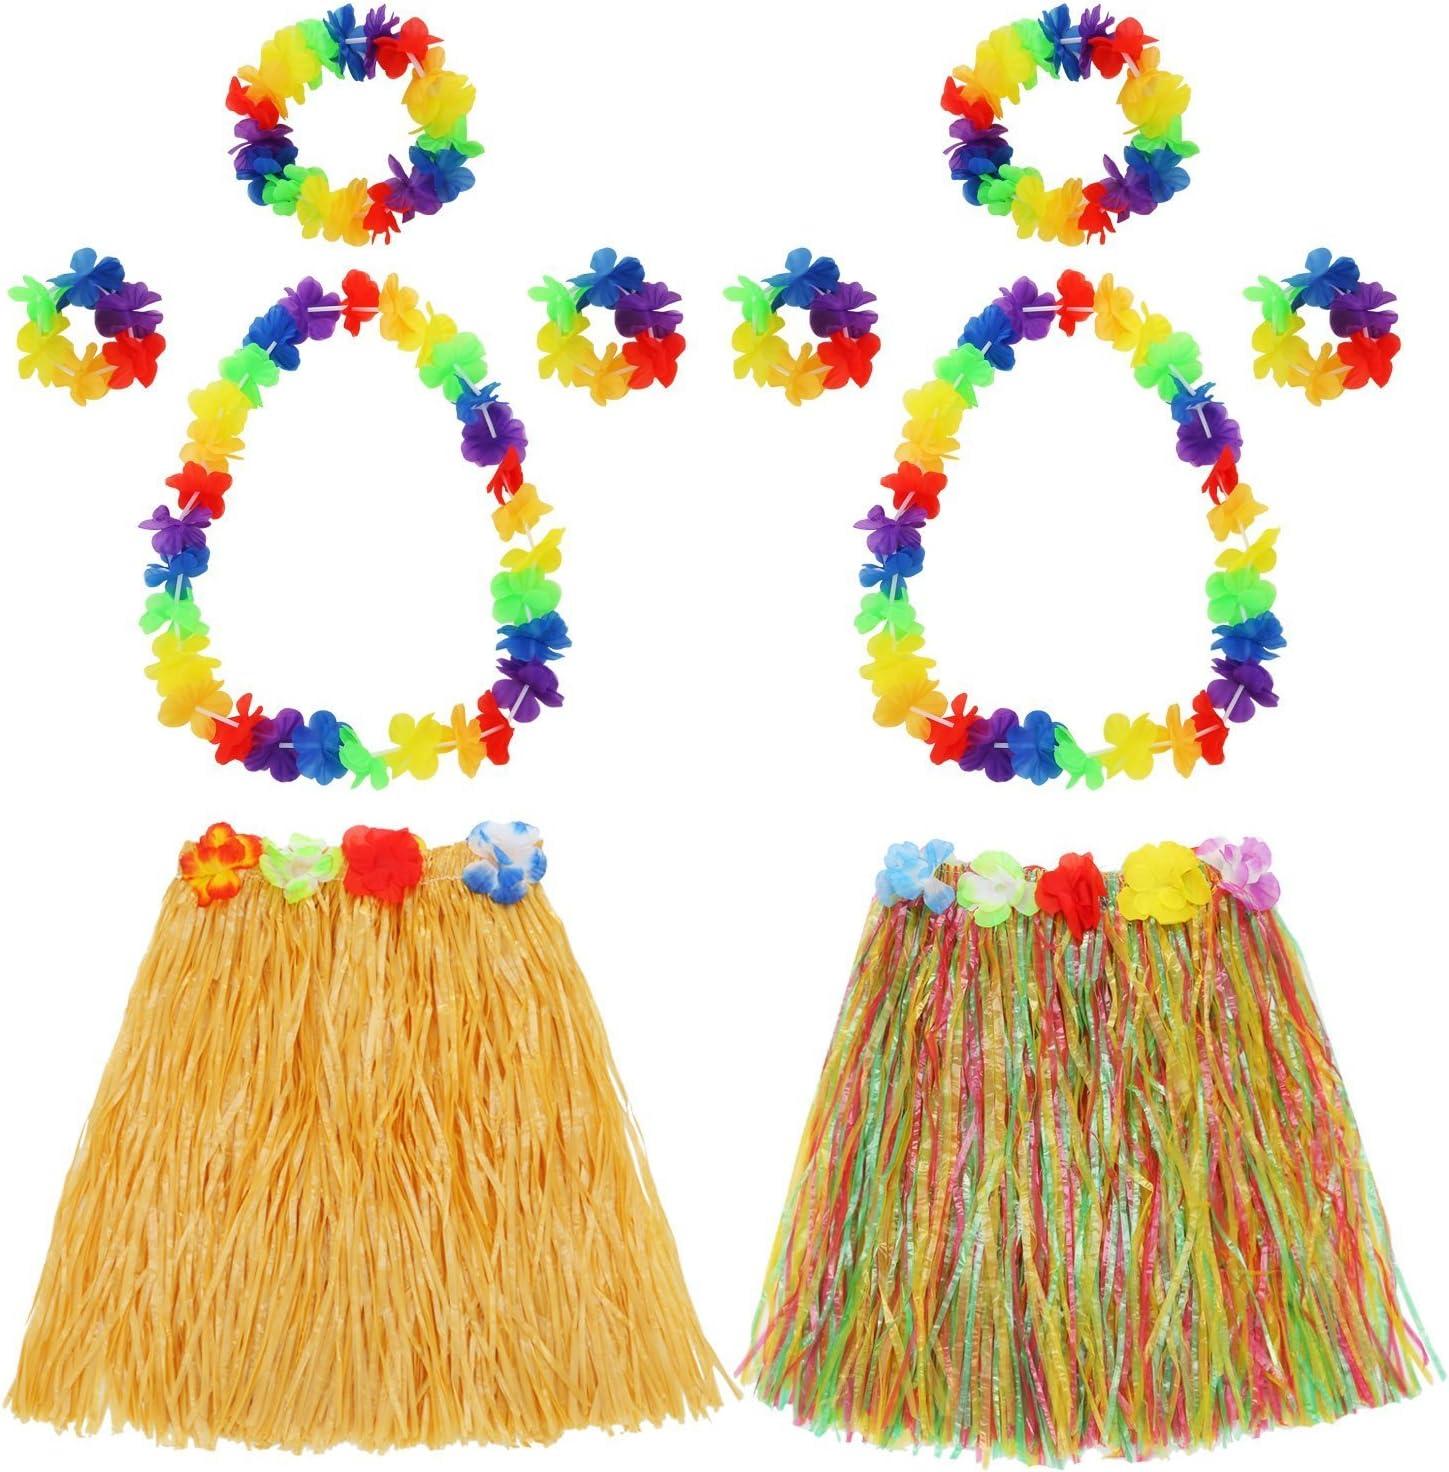 HAWAIIAN HULA GRASS SKIRT FLOWER LEIS BRACELETS NECKLACE FANCY DRESS FOUR PIECE